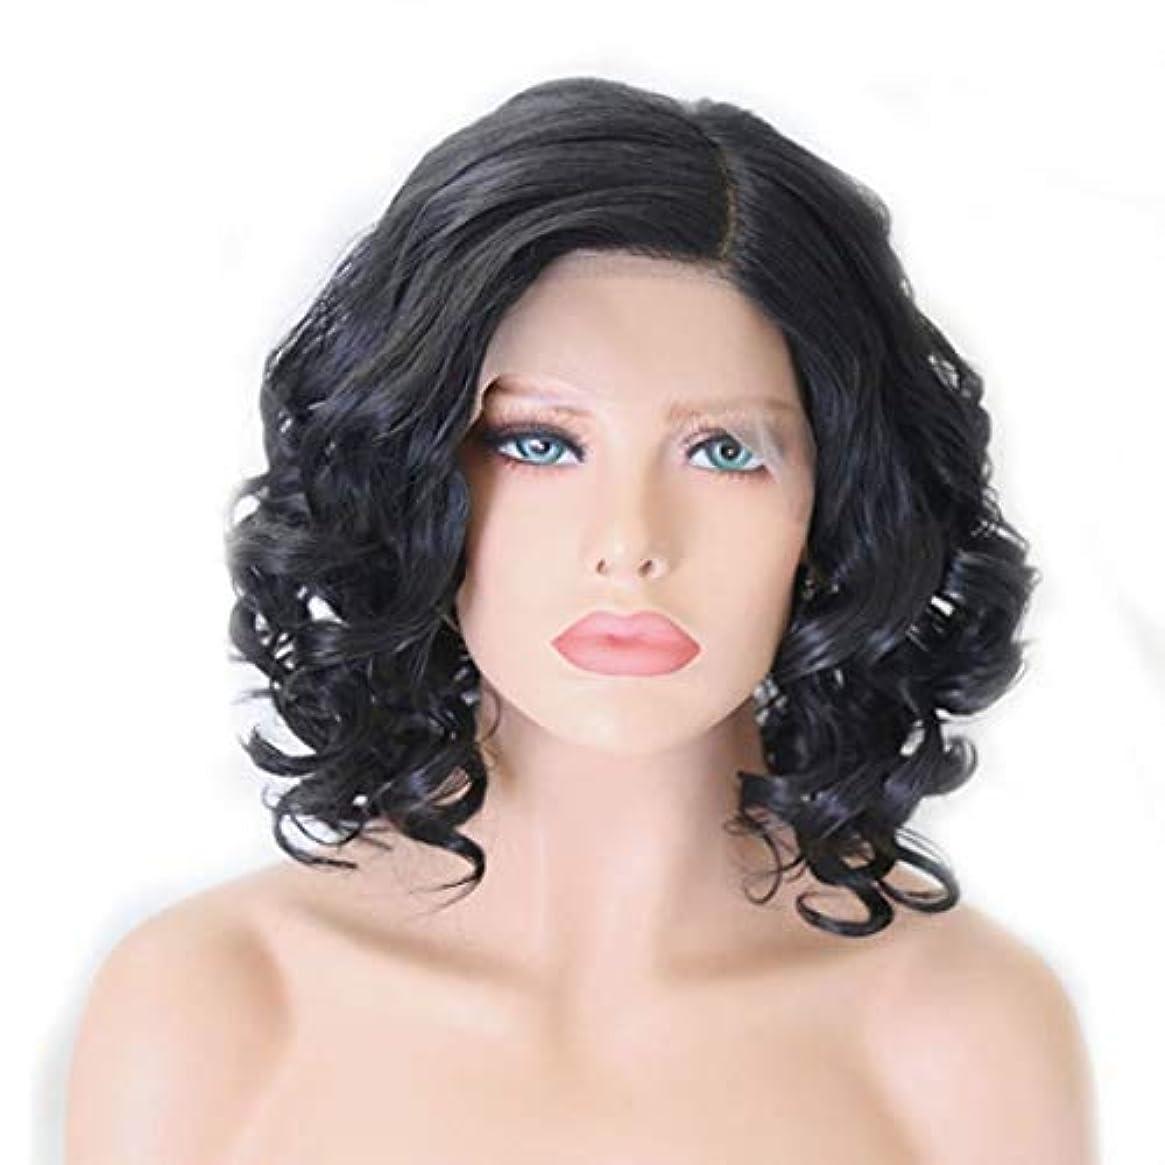 負息を切らして関係ないKerwinner フロントレースかつら女性のための短い巻き毛のふわふわ高温シルクケミカルファイバーウィッグ (Color : Black, Size : 24 inches)